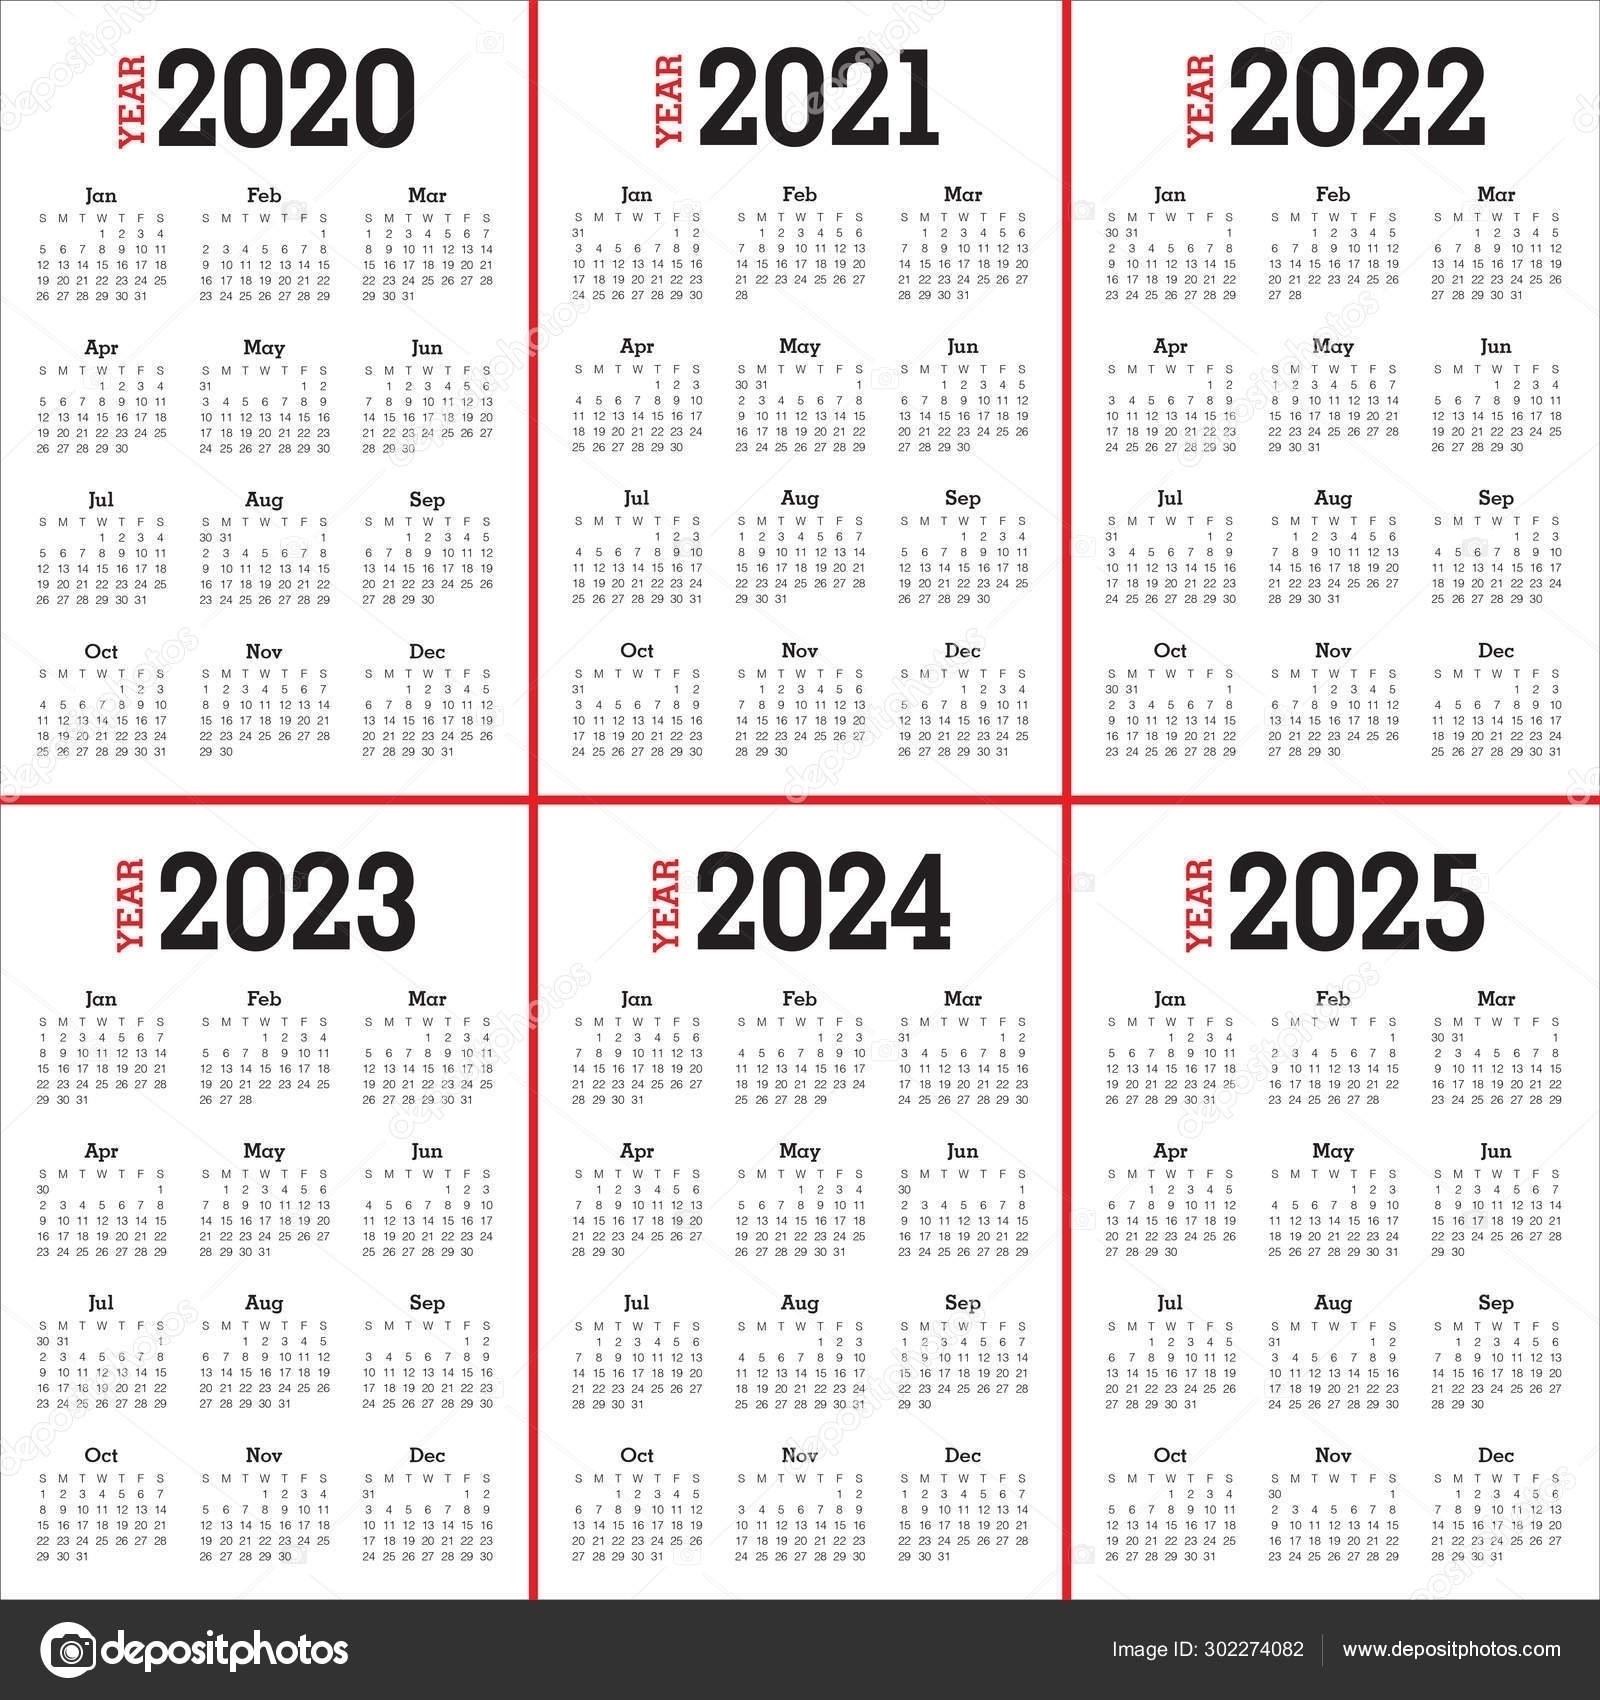 Calendars 201 2021 2022 2023 2024 | Ten Free Printable Calendar 2020-2021